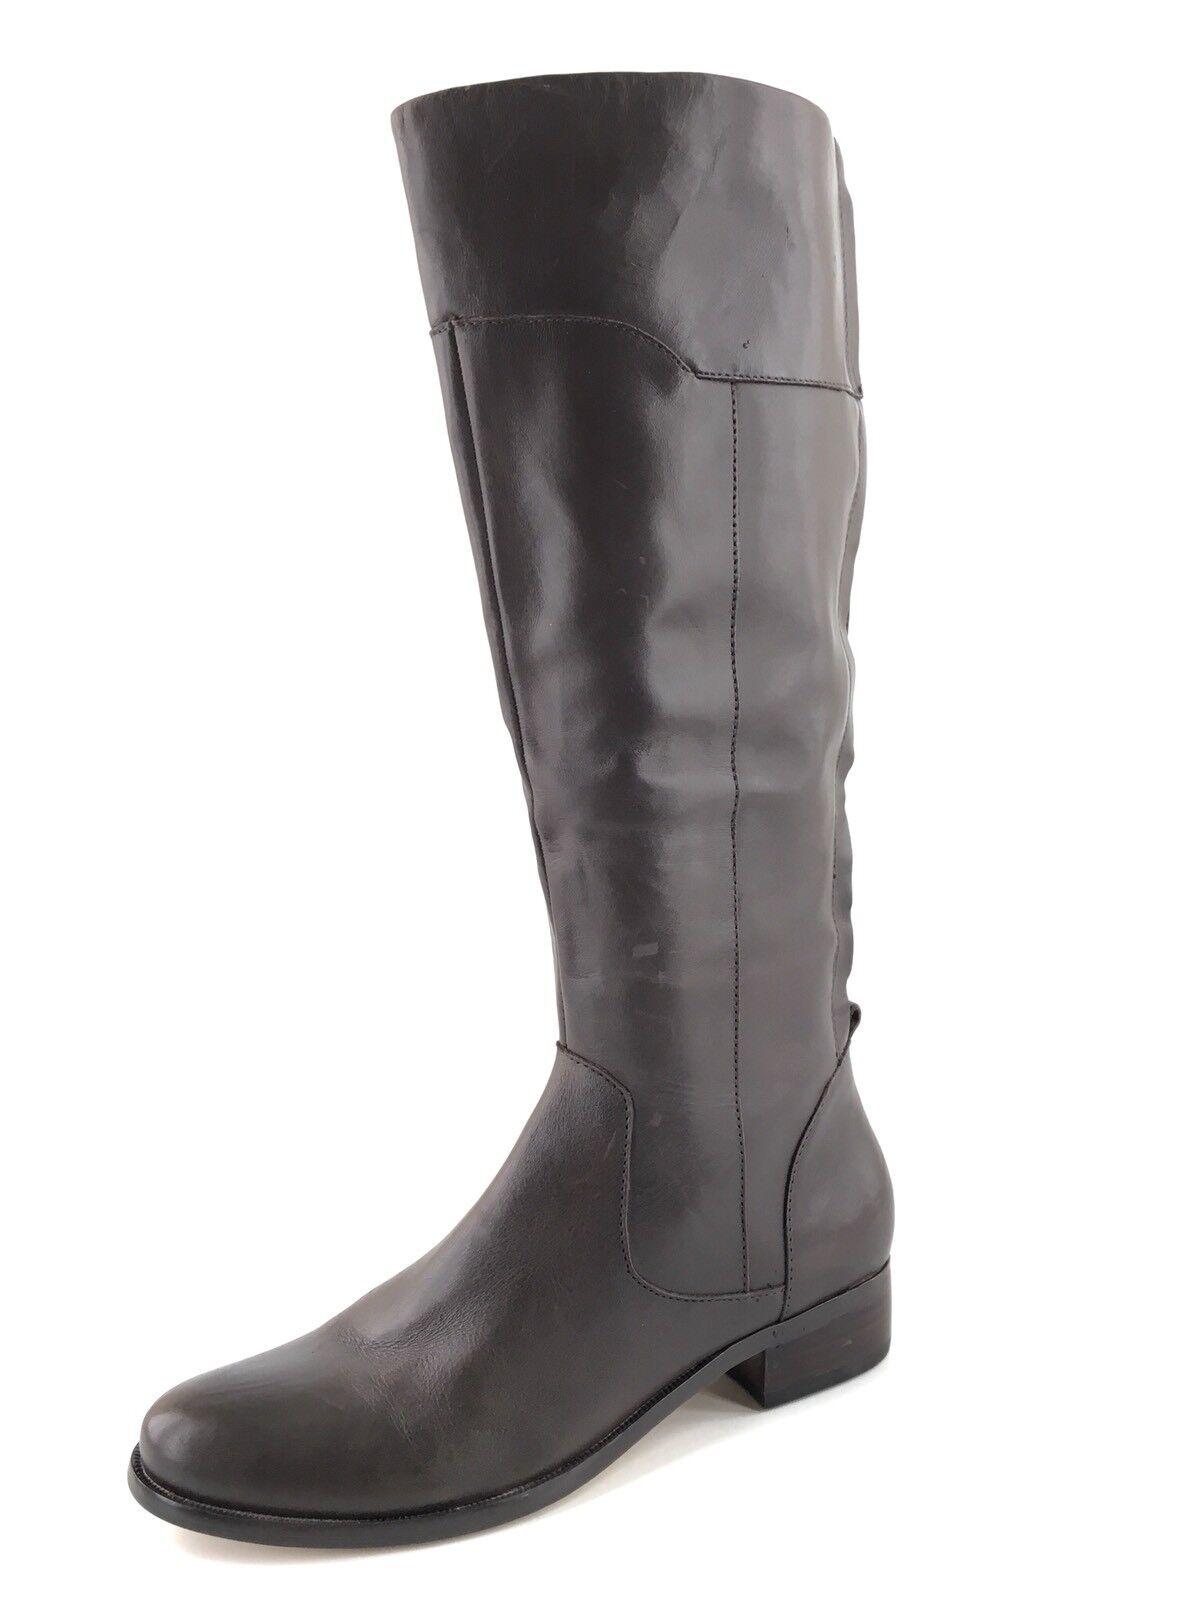 100% precio garantizado Corso como Geneva de Cuero Marrón Rodilla Alta Alta Alta Occidental botas De Montar Para Mujeres Tamaño 5.5 M   suministramos lo mejor